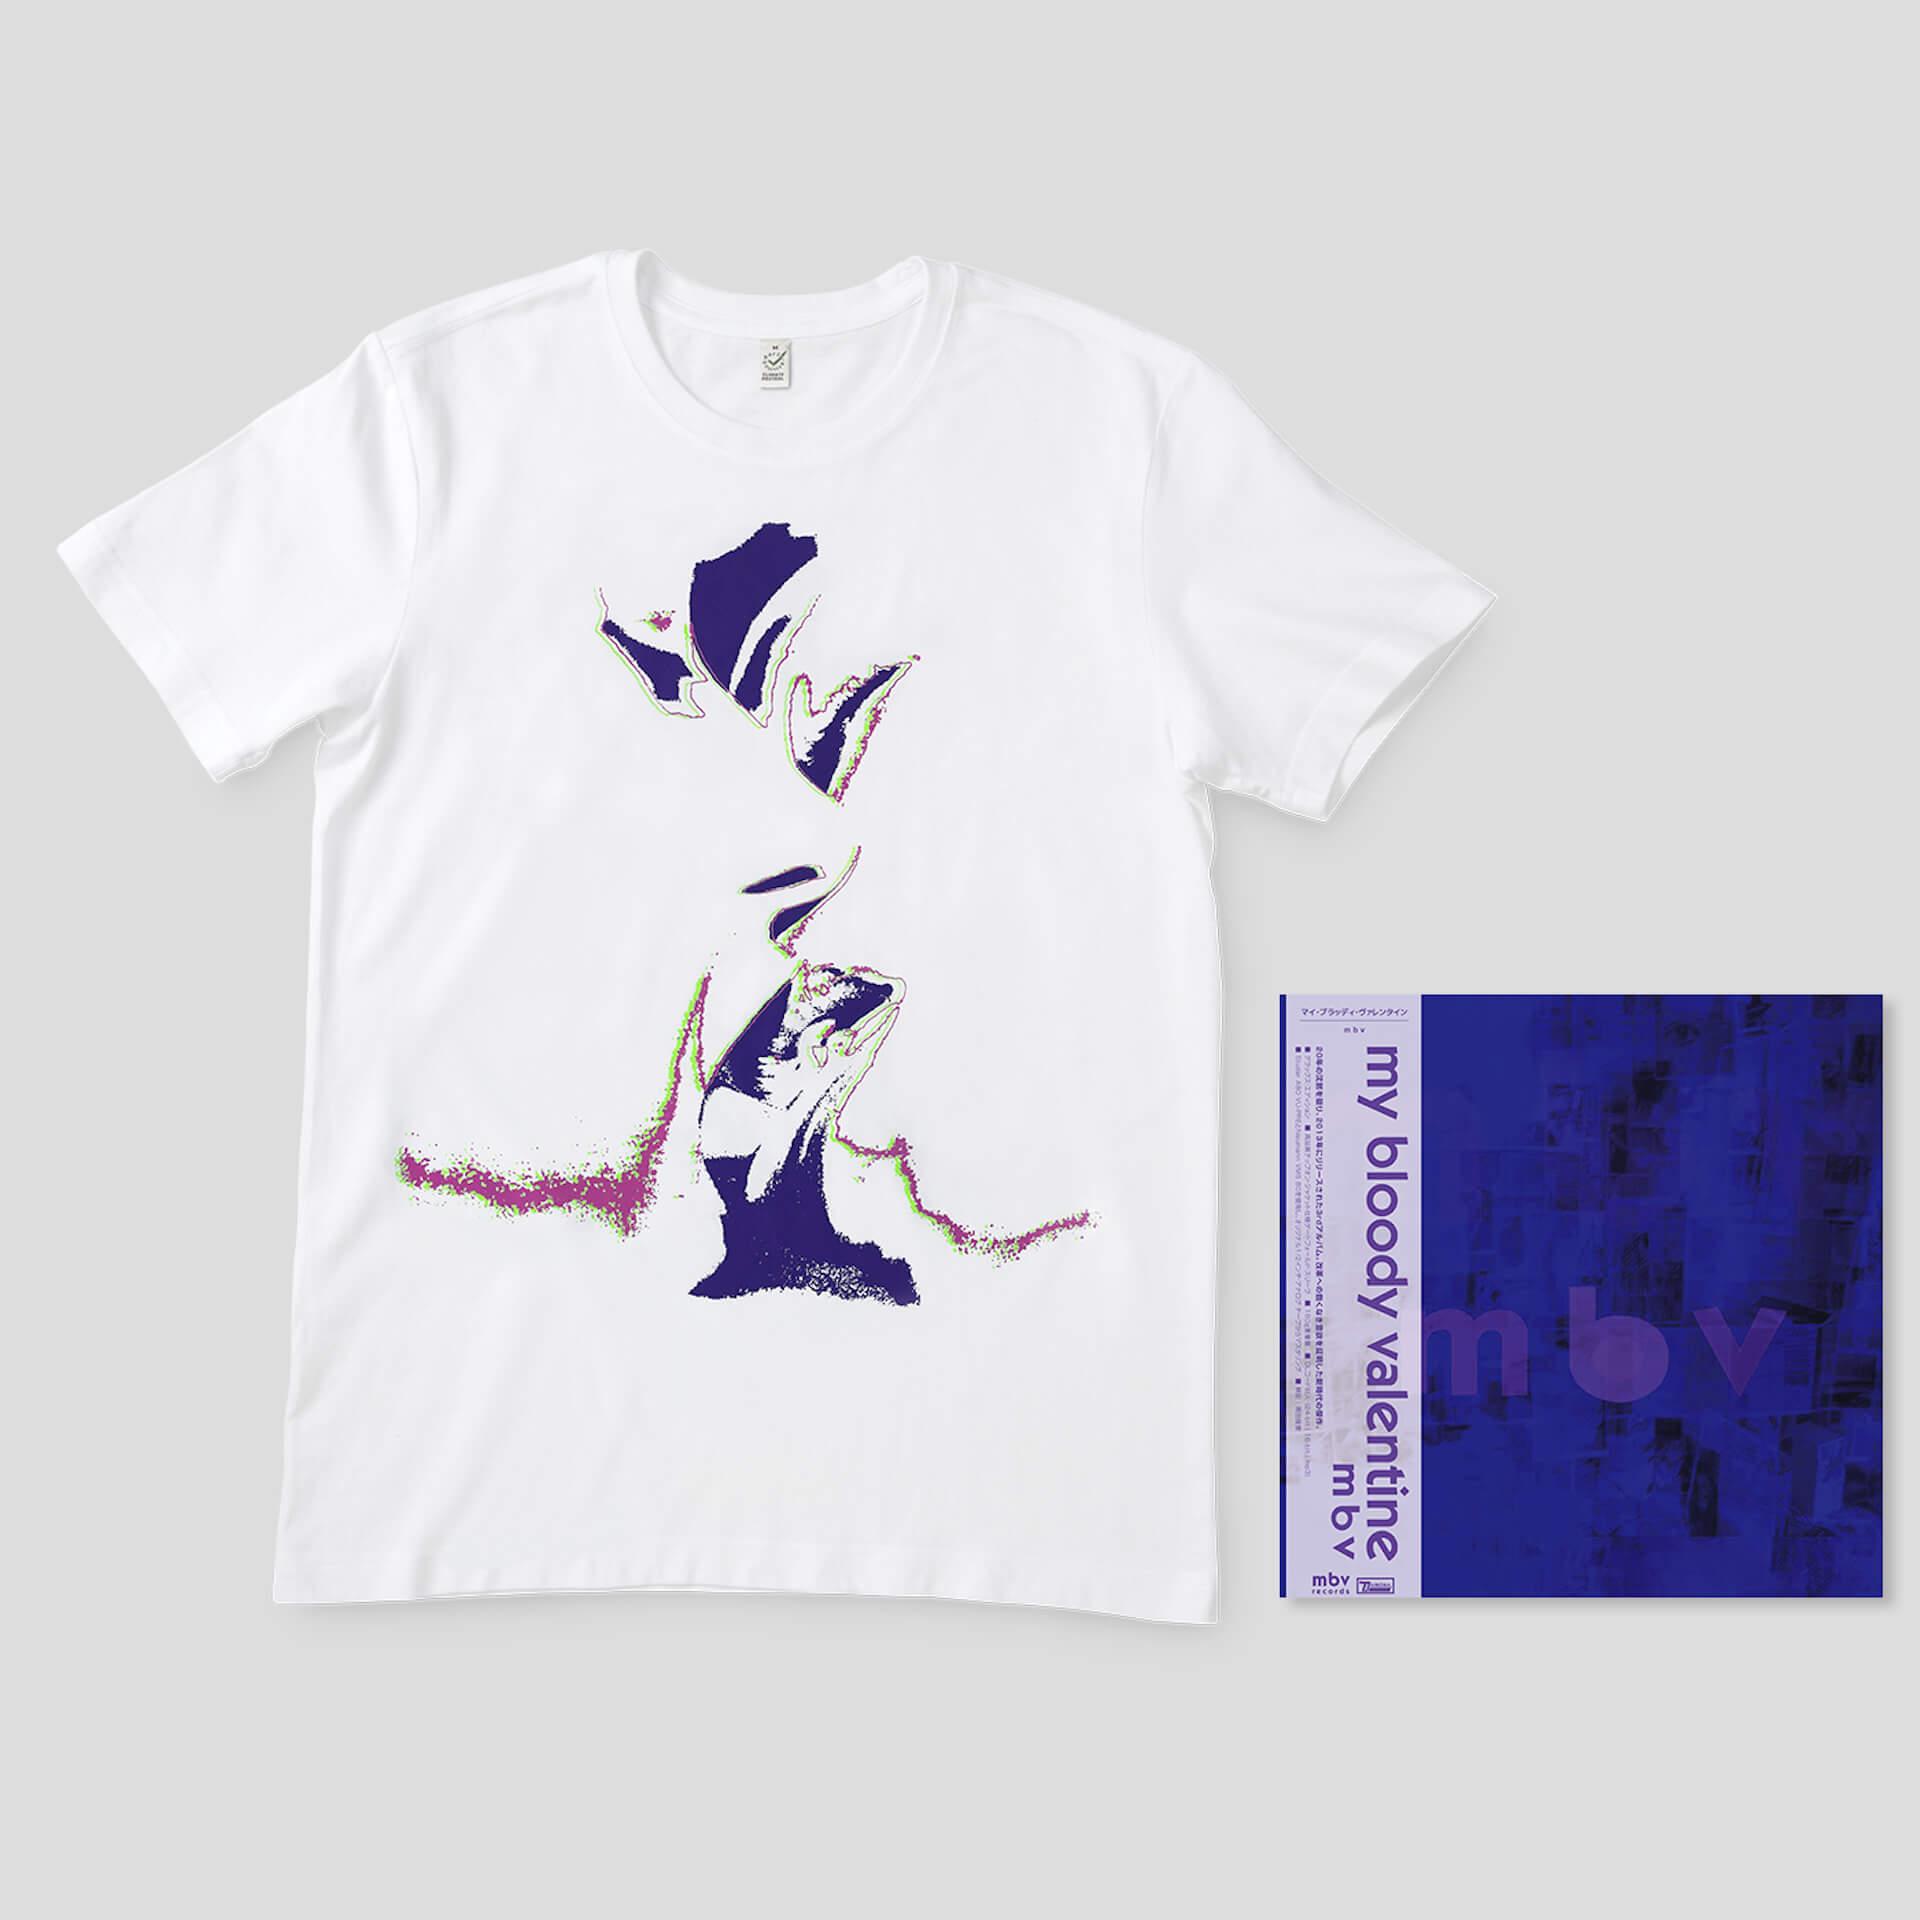 My Bloody Valentine新装盤CDとLPがいよいよ今週発売!レコードショップ別の各種特典が解禁 music210517_mybloodyvalentine-210517_16